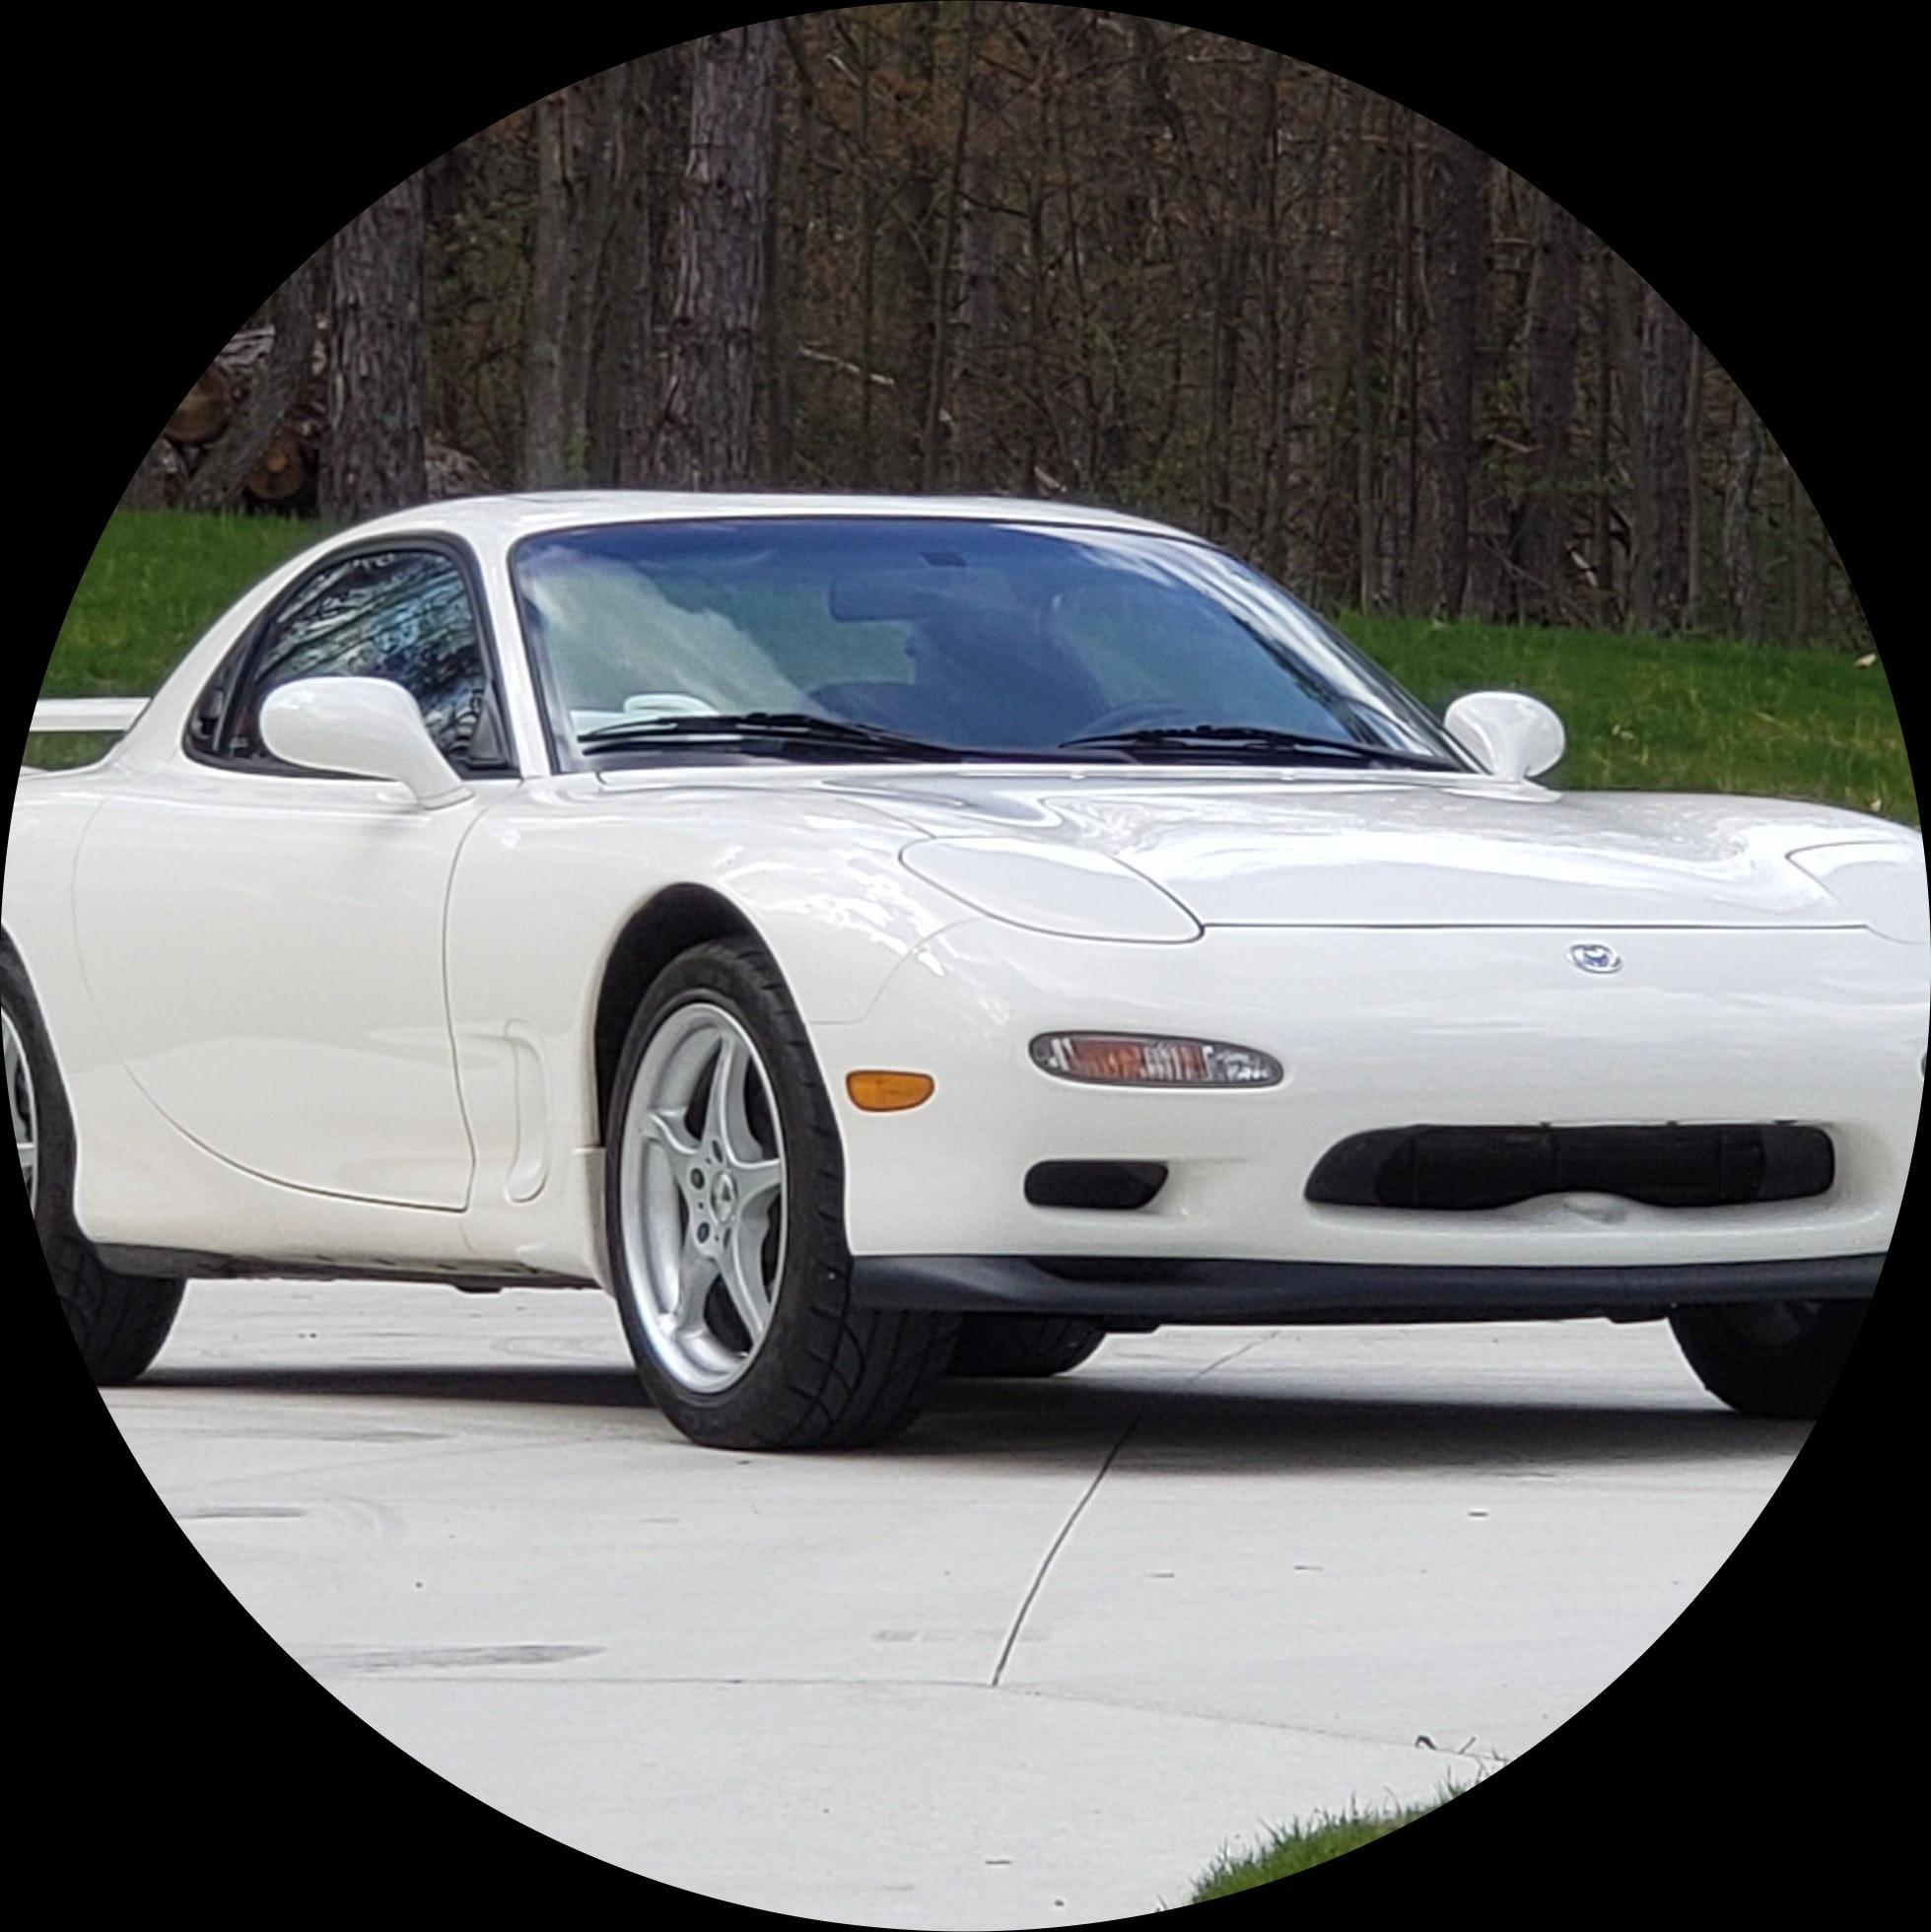 Owner of 1994 Mazda RX-7